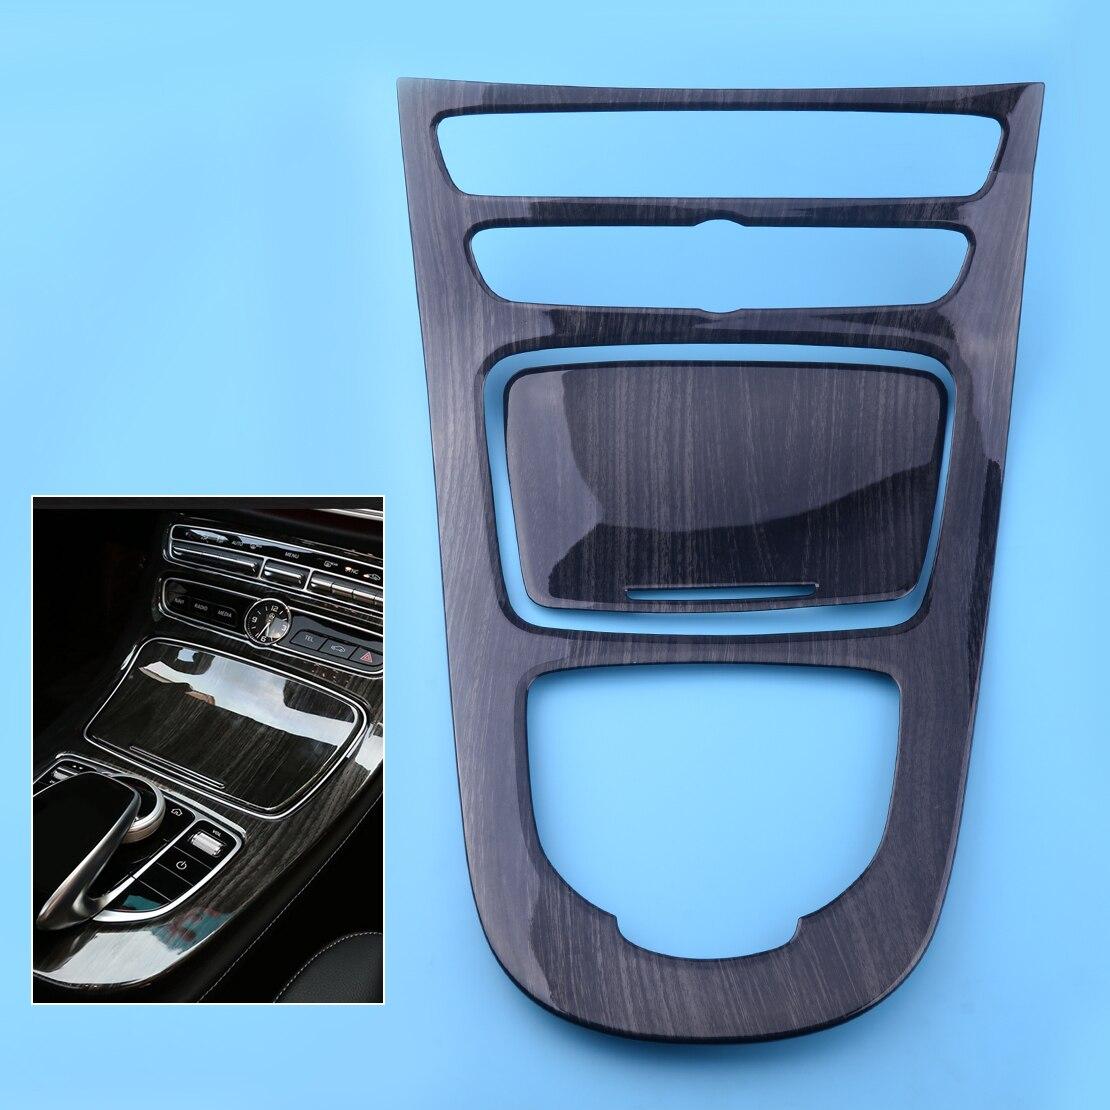 DWCX 2Pcs ABS Wood Car Grain Console Gear Panel Cover Frame Trim Fit for Mercedes Benz E-Class W213 2016 2017 lapetus accessories for mercedes benz e class e class w213 2016 2018 abs gear box shift panel cover trim carbon fiber style